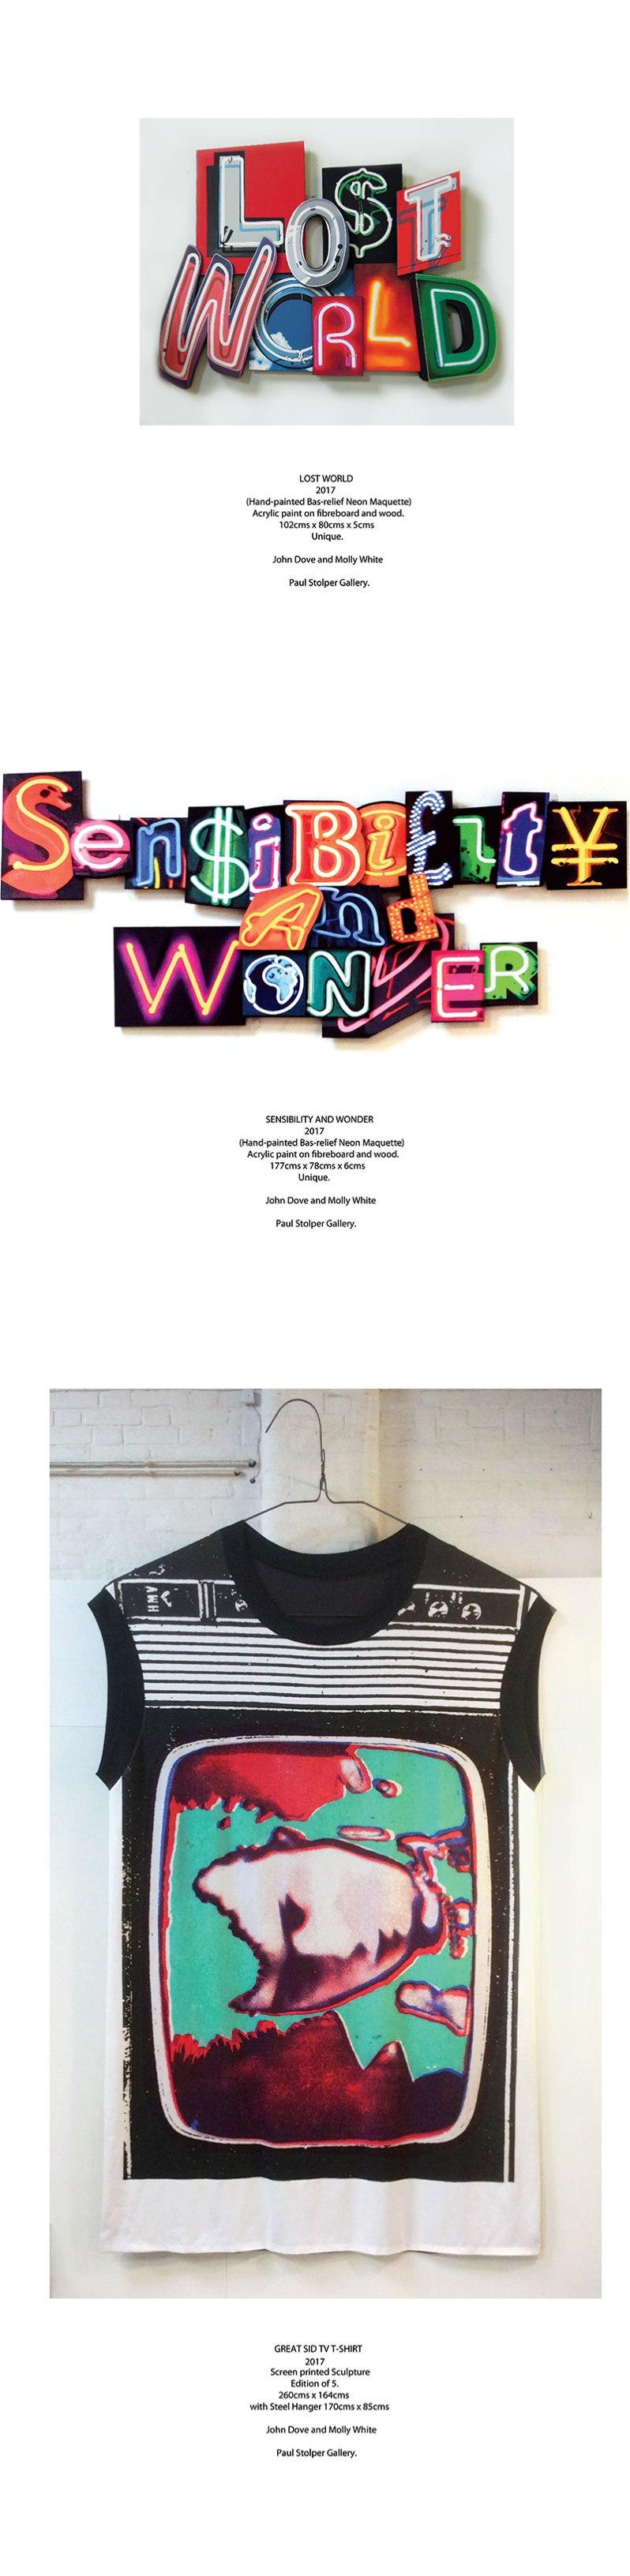 WORKS-update-10 (1)